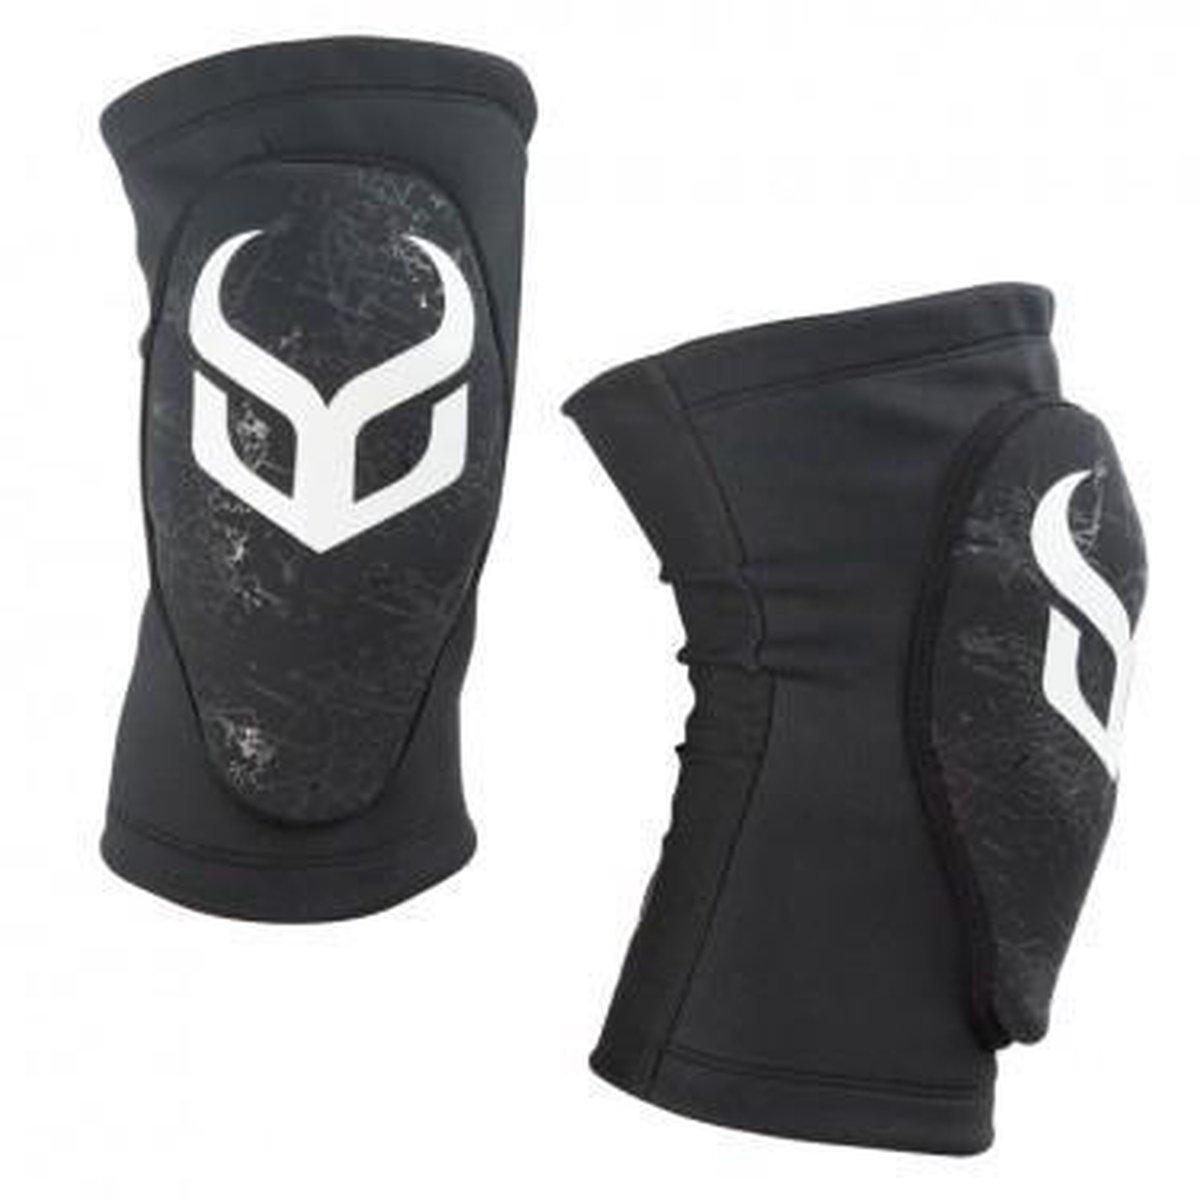 Demon Knee Guard Soft Cap Pro Kids Kniebeschermers